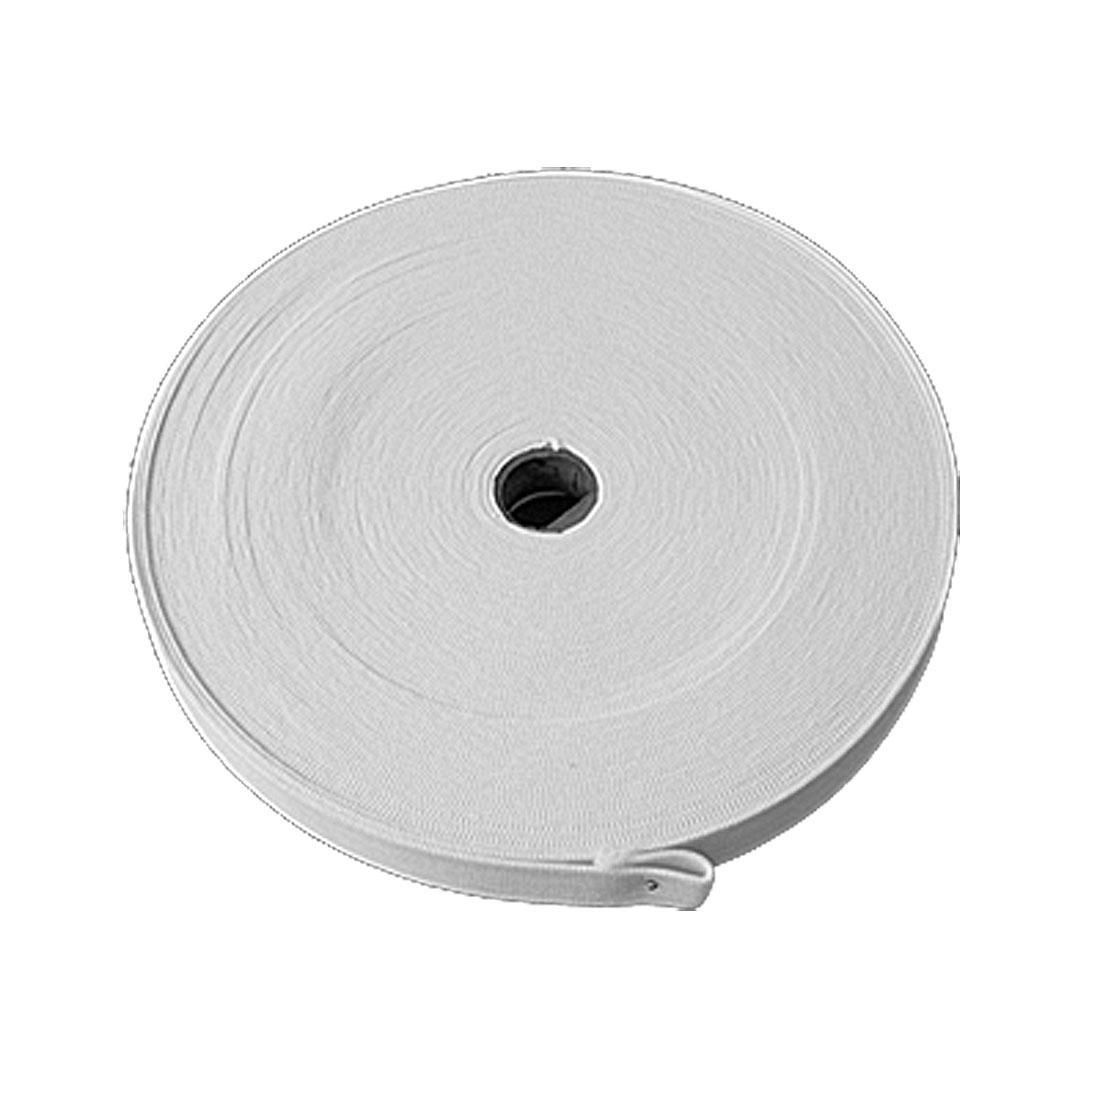 White Elastic Knitting Tape Band Webbing for Garment